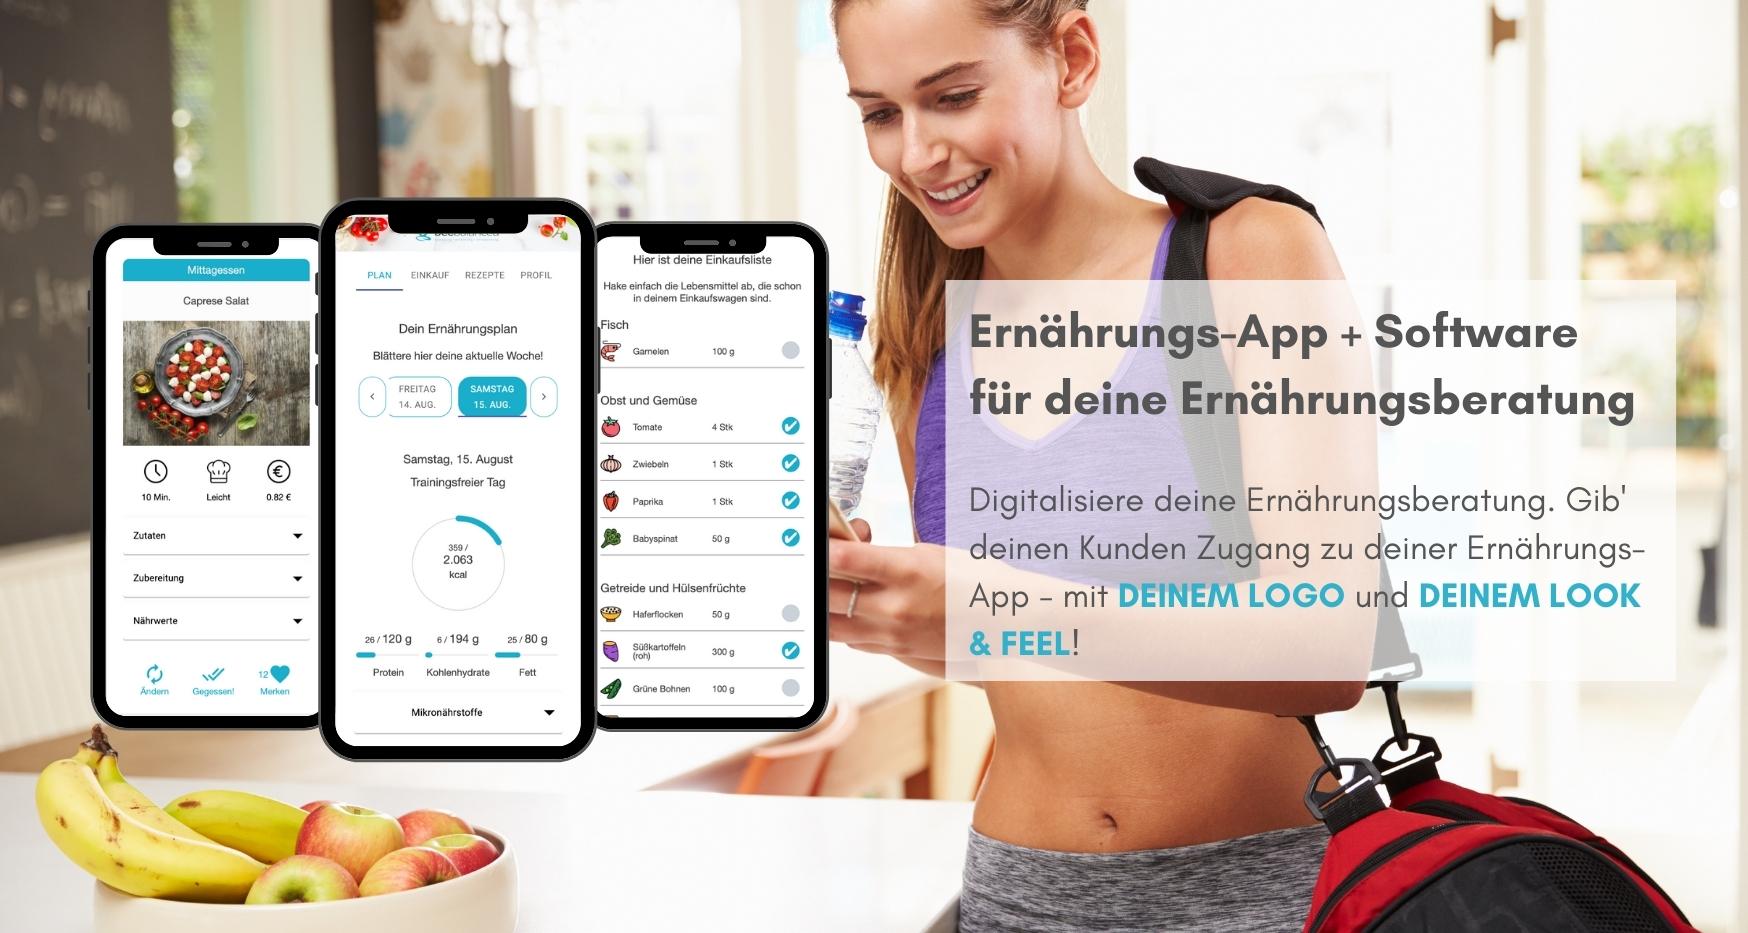 Ernährungs-App + Software für Online Ernährungsberatung für Personal Trainer, Ernährungsberater, Fitnessstudios, Gesundheitsberater, Physiotherapeuten, Online Fitness Coaches